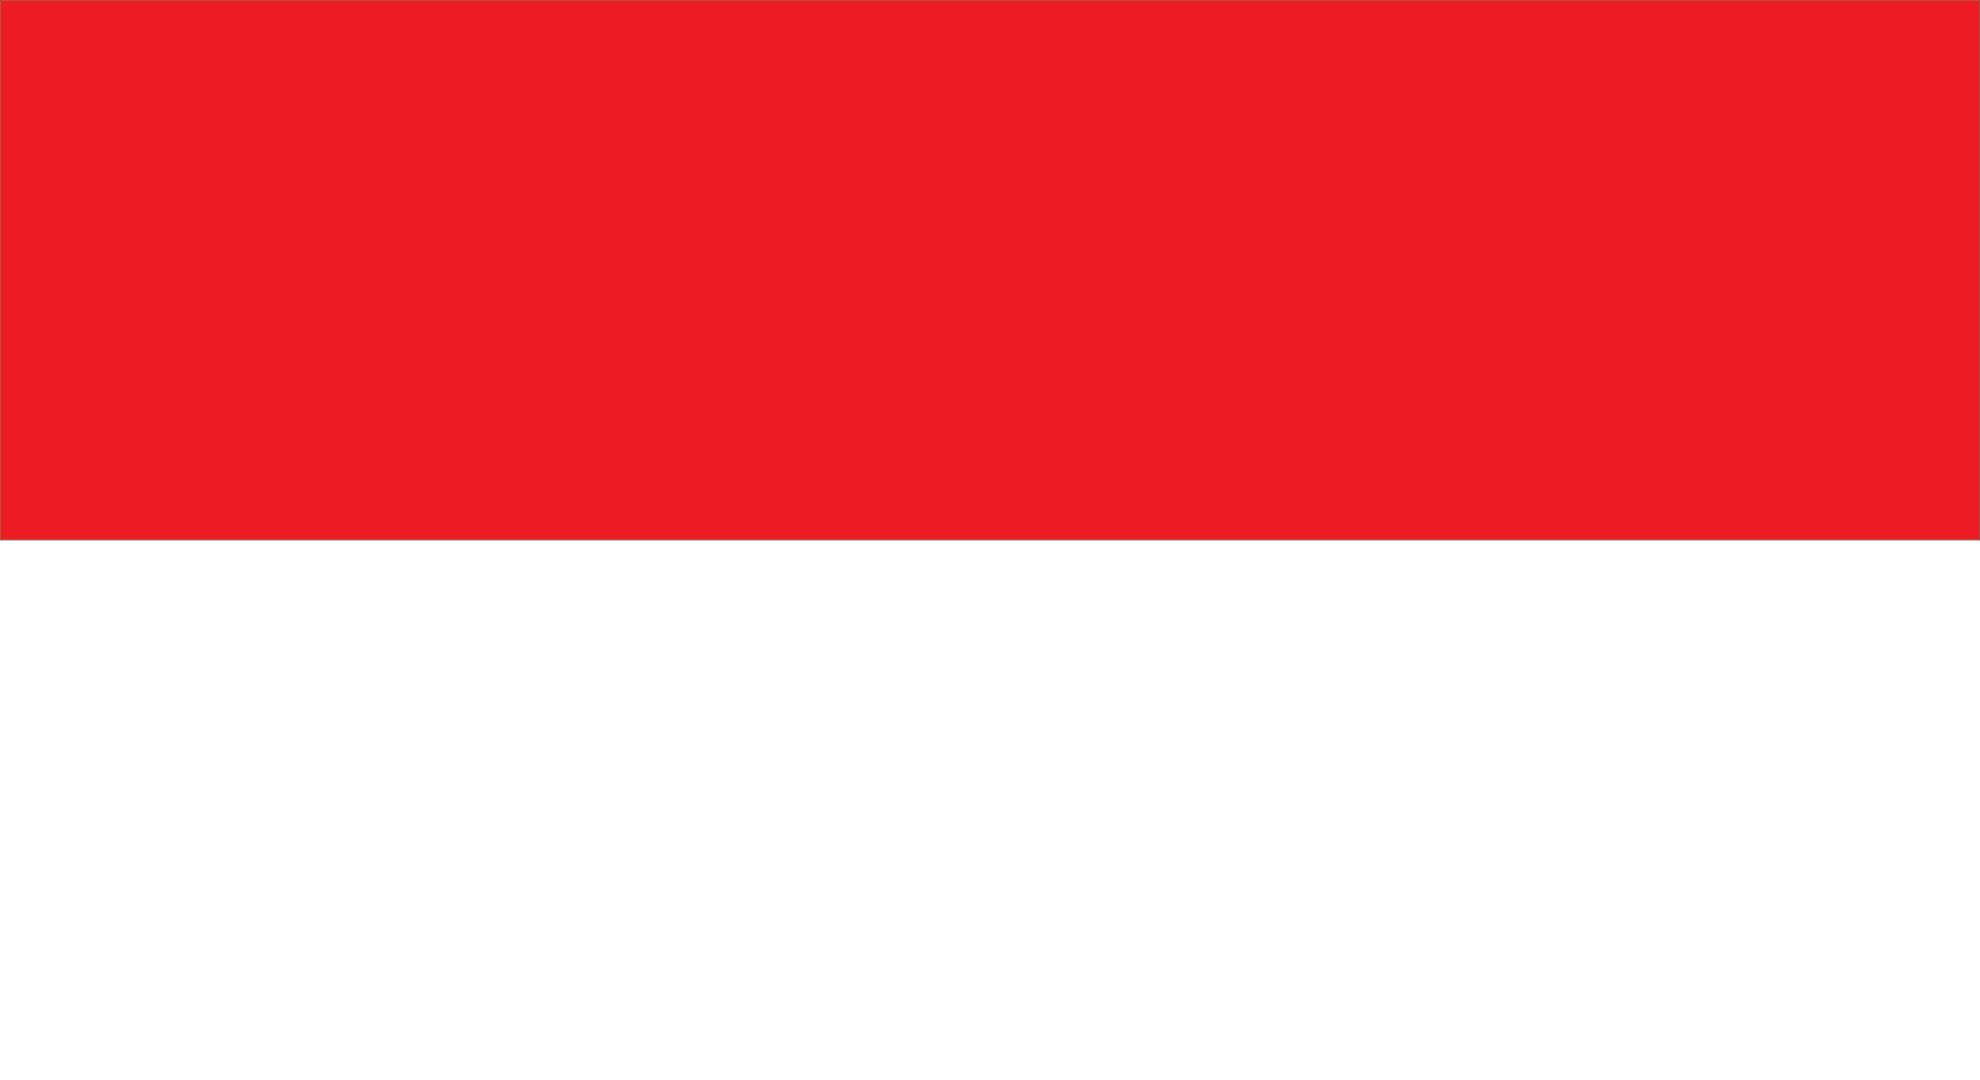 merah putih polos